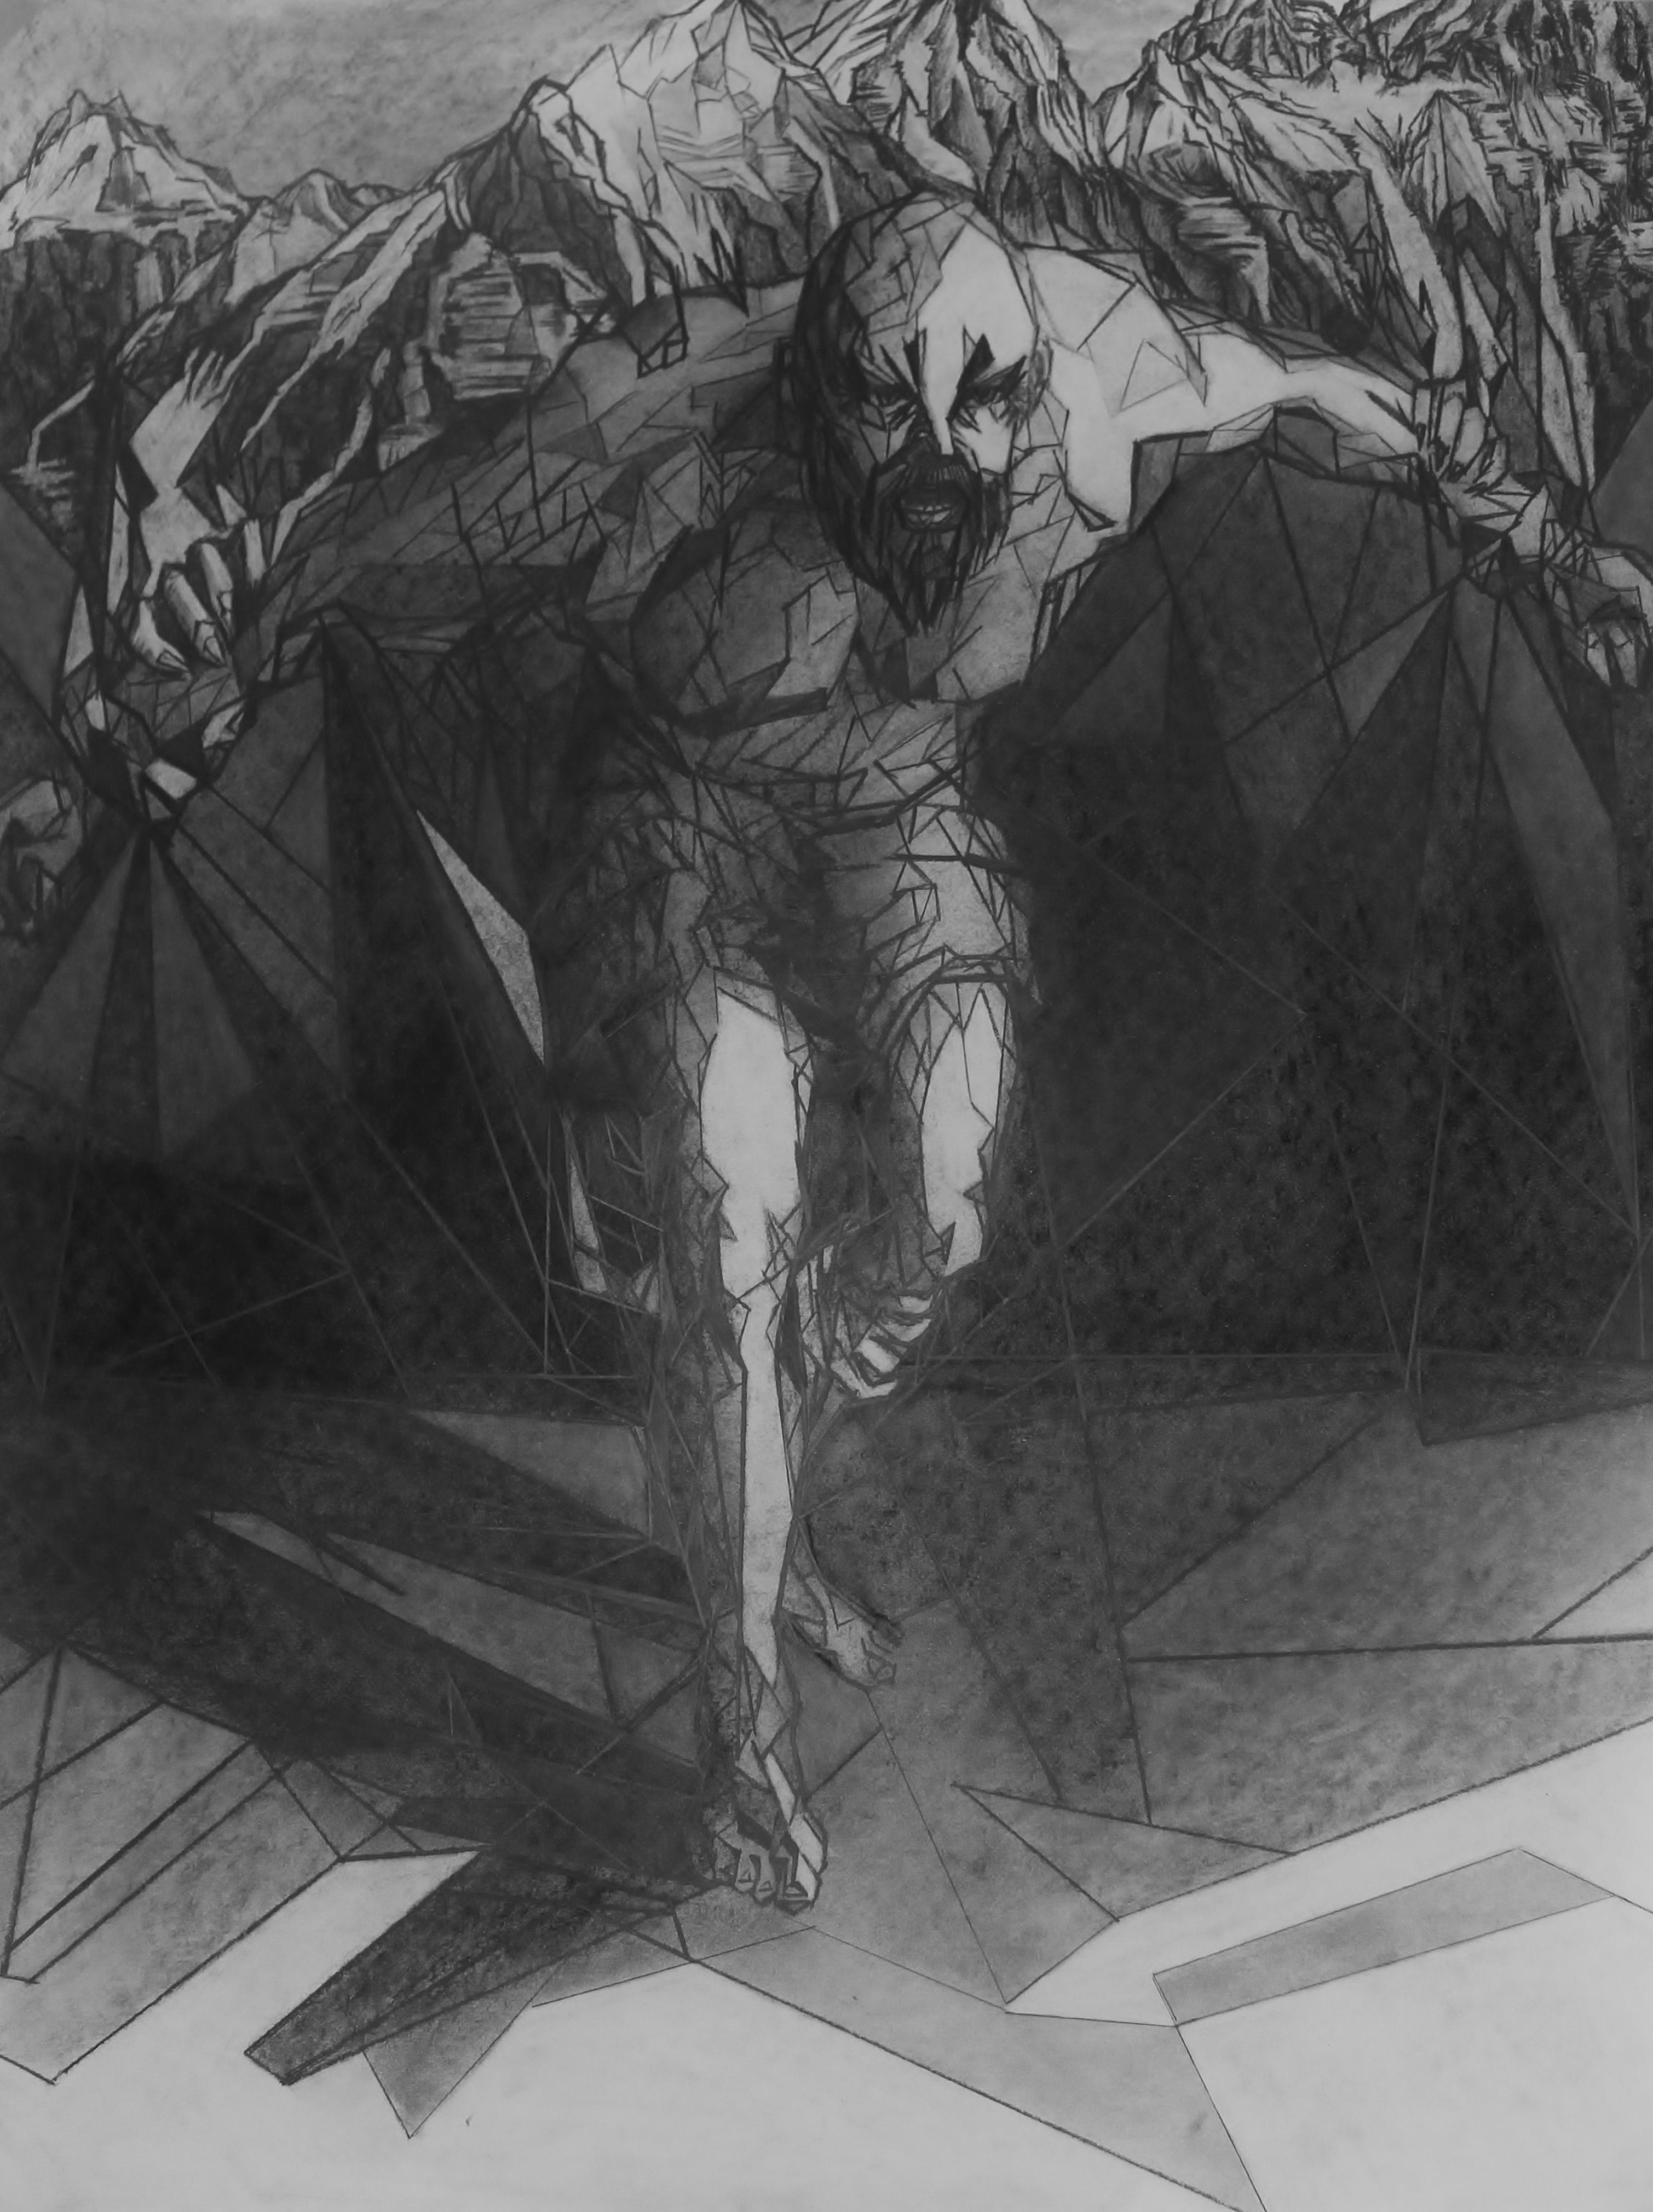 Prometheus Captured by IanC3 on DeviantArt